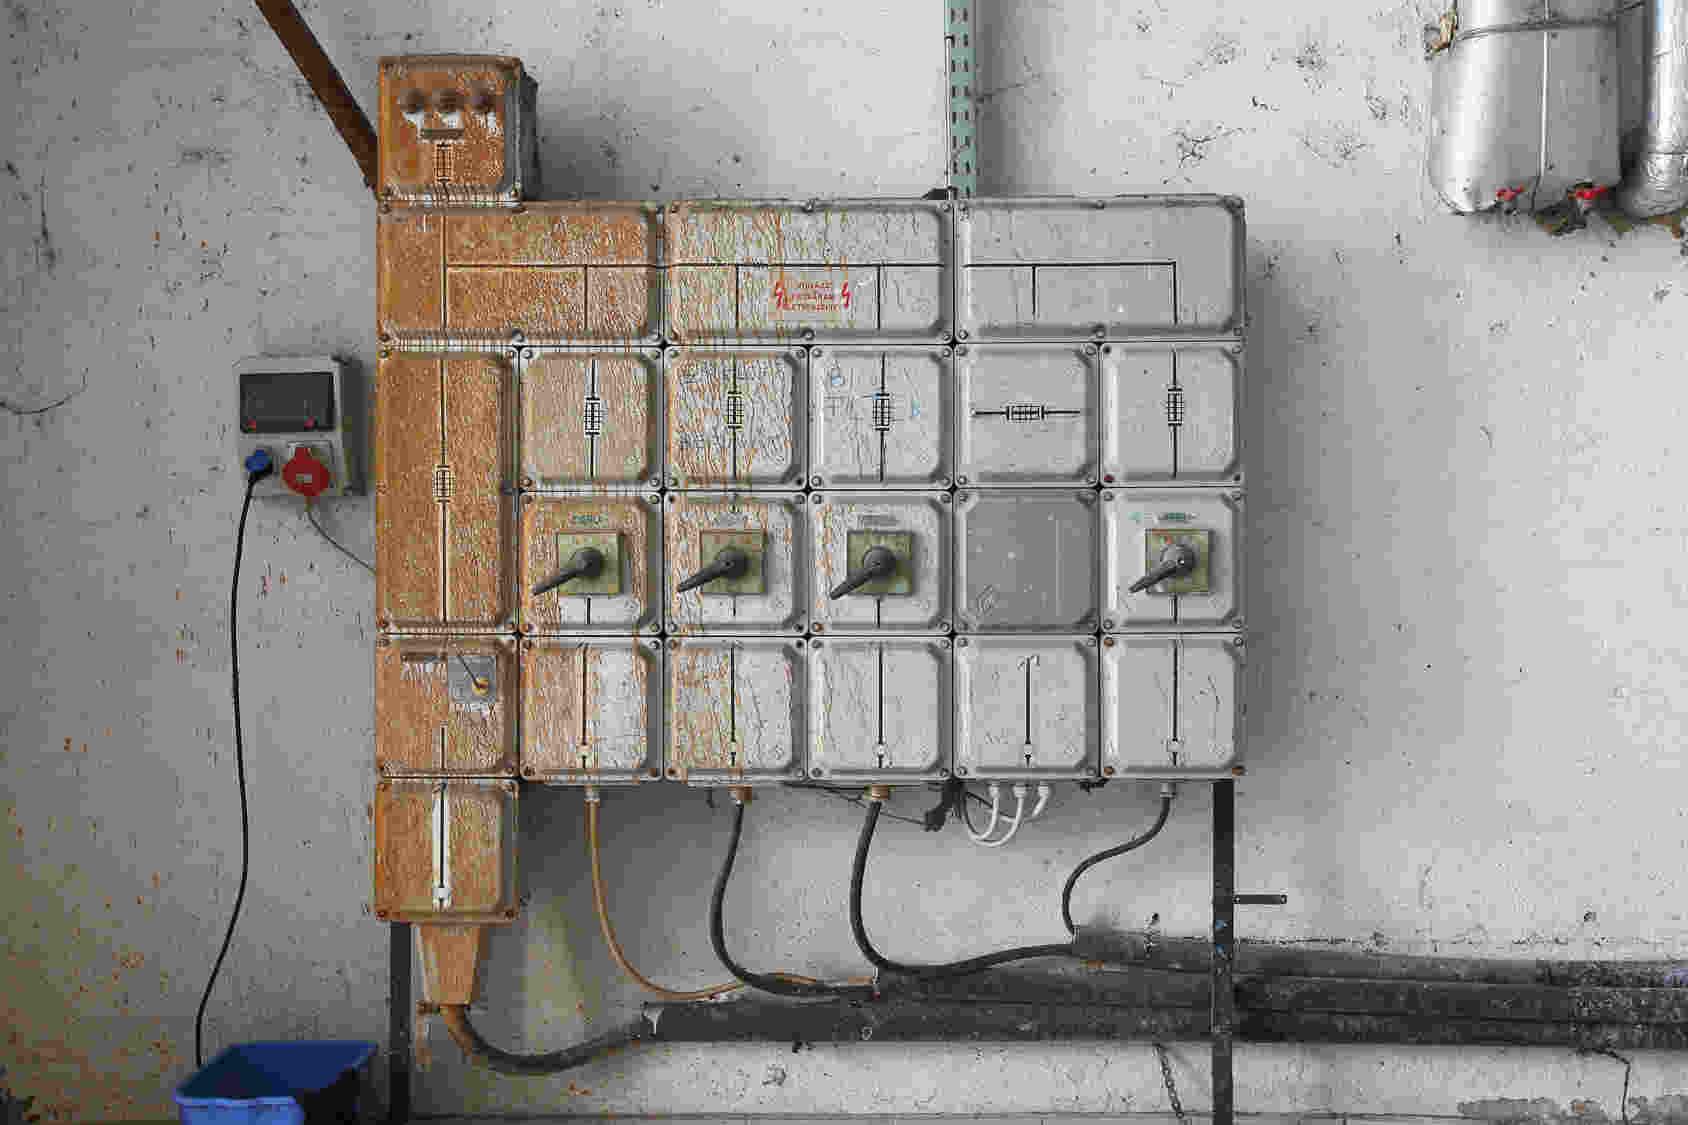 Okresowe pomiary instalacji elektrycznych